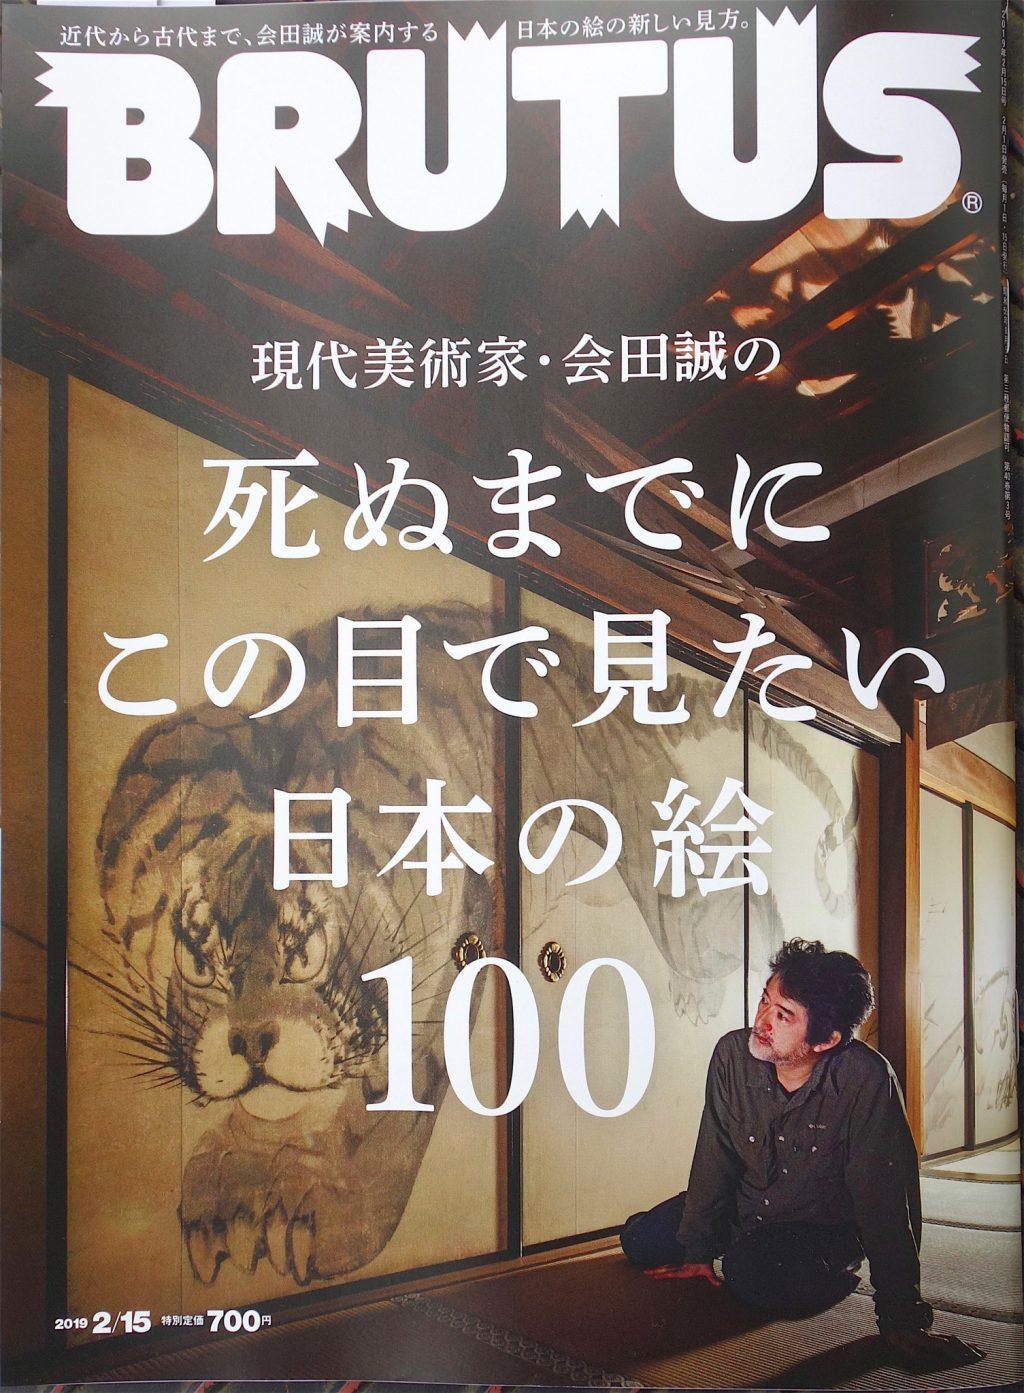 日本現代アーティスト会田誠 @ BRUTUS雑誌の表紙 平成31年2月15日